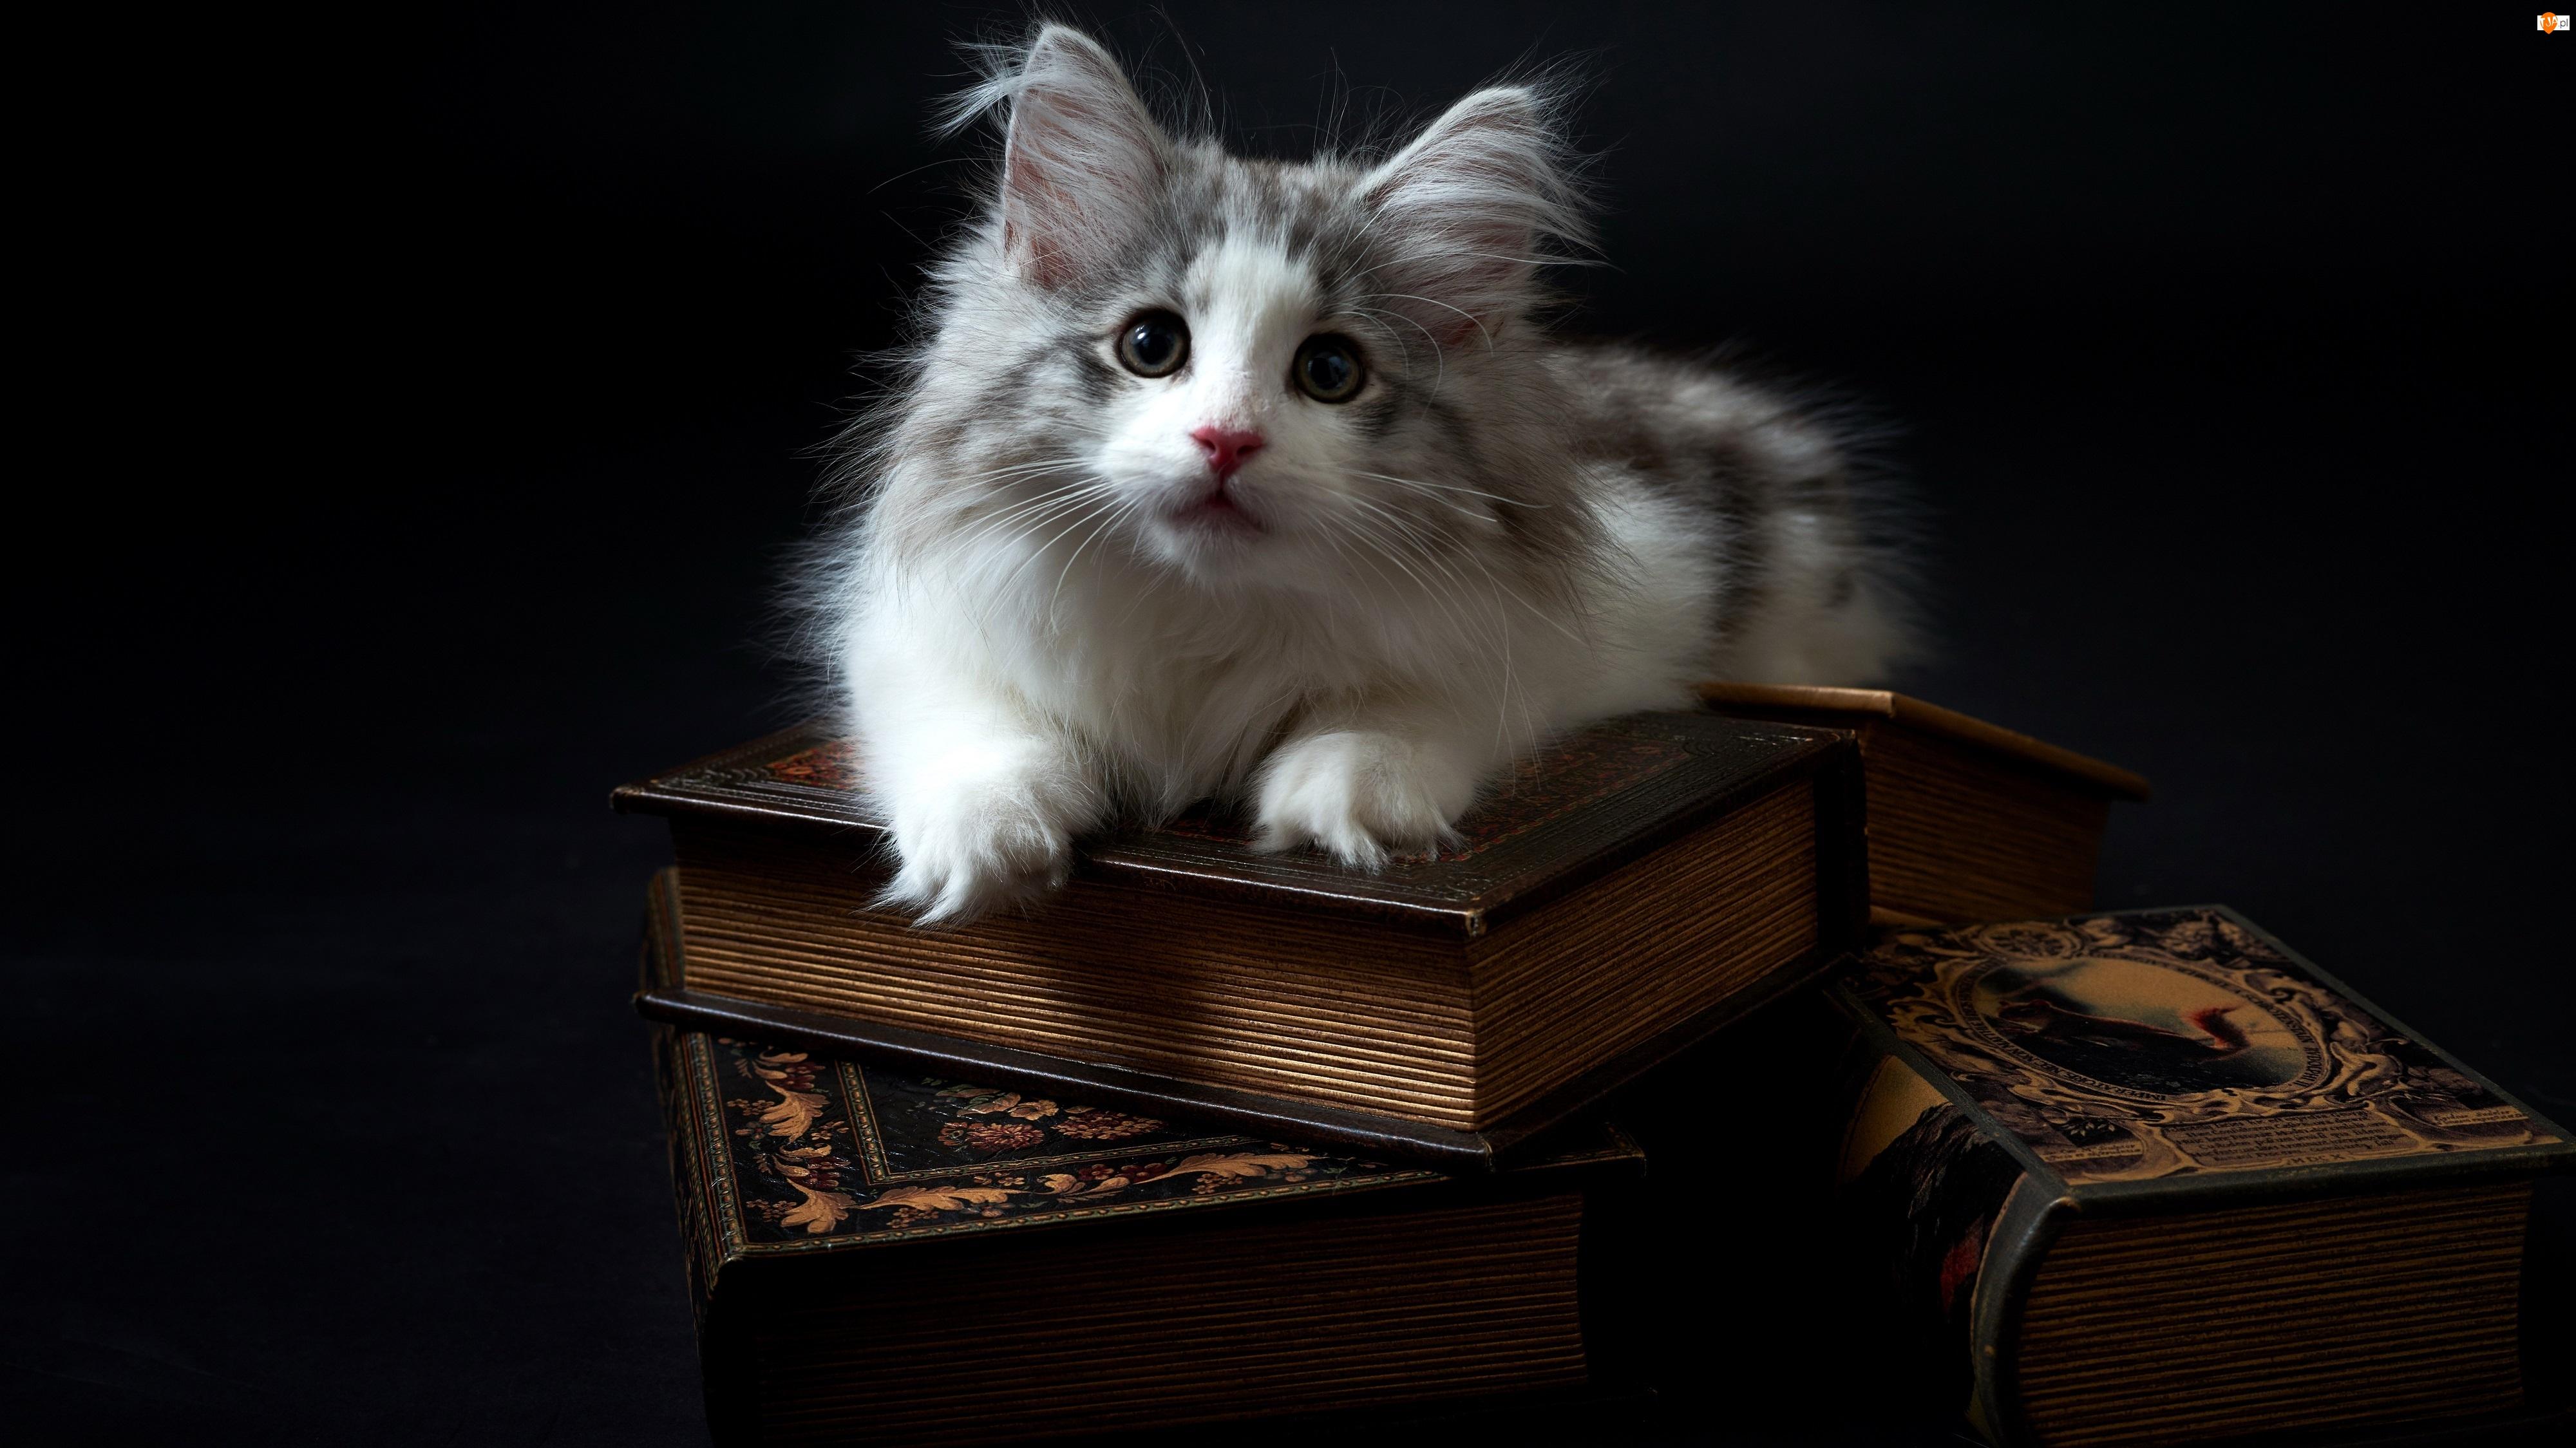 Księgi, Mały, Kotek